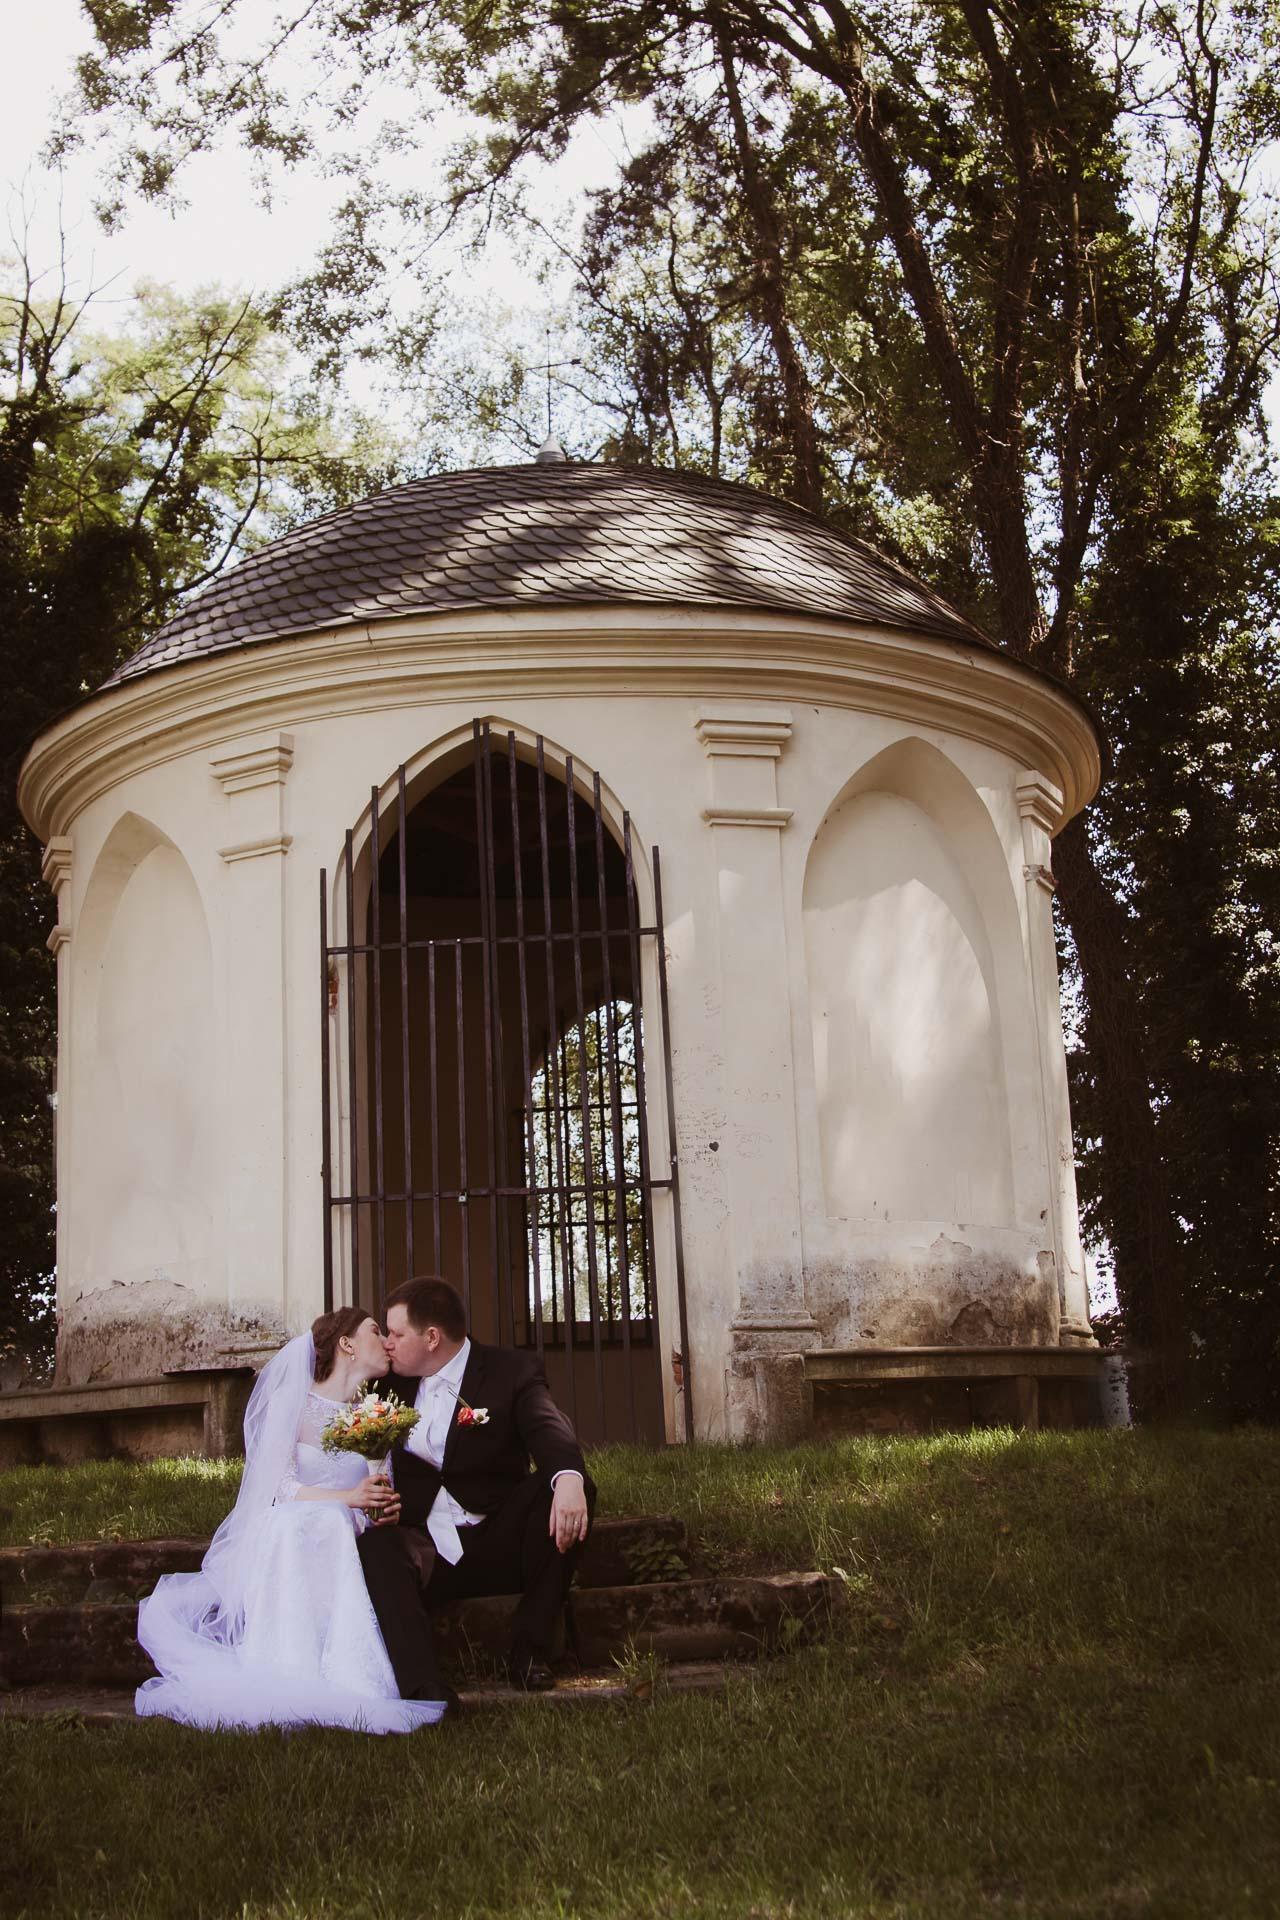 svatební fotograf Lysá nad Labem, penzion Polabí Přerov nad Labem, letní svatba-252